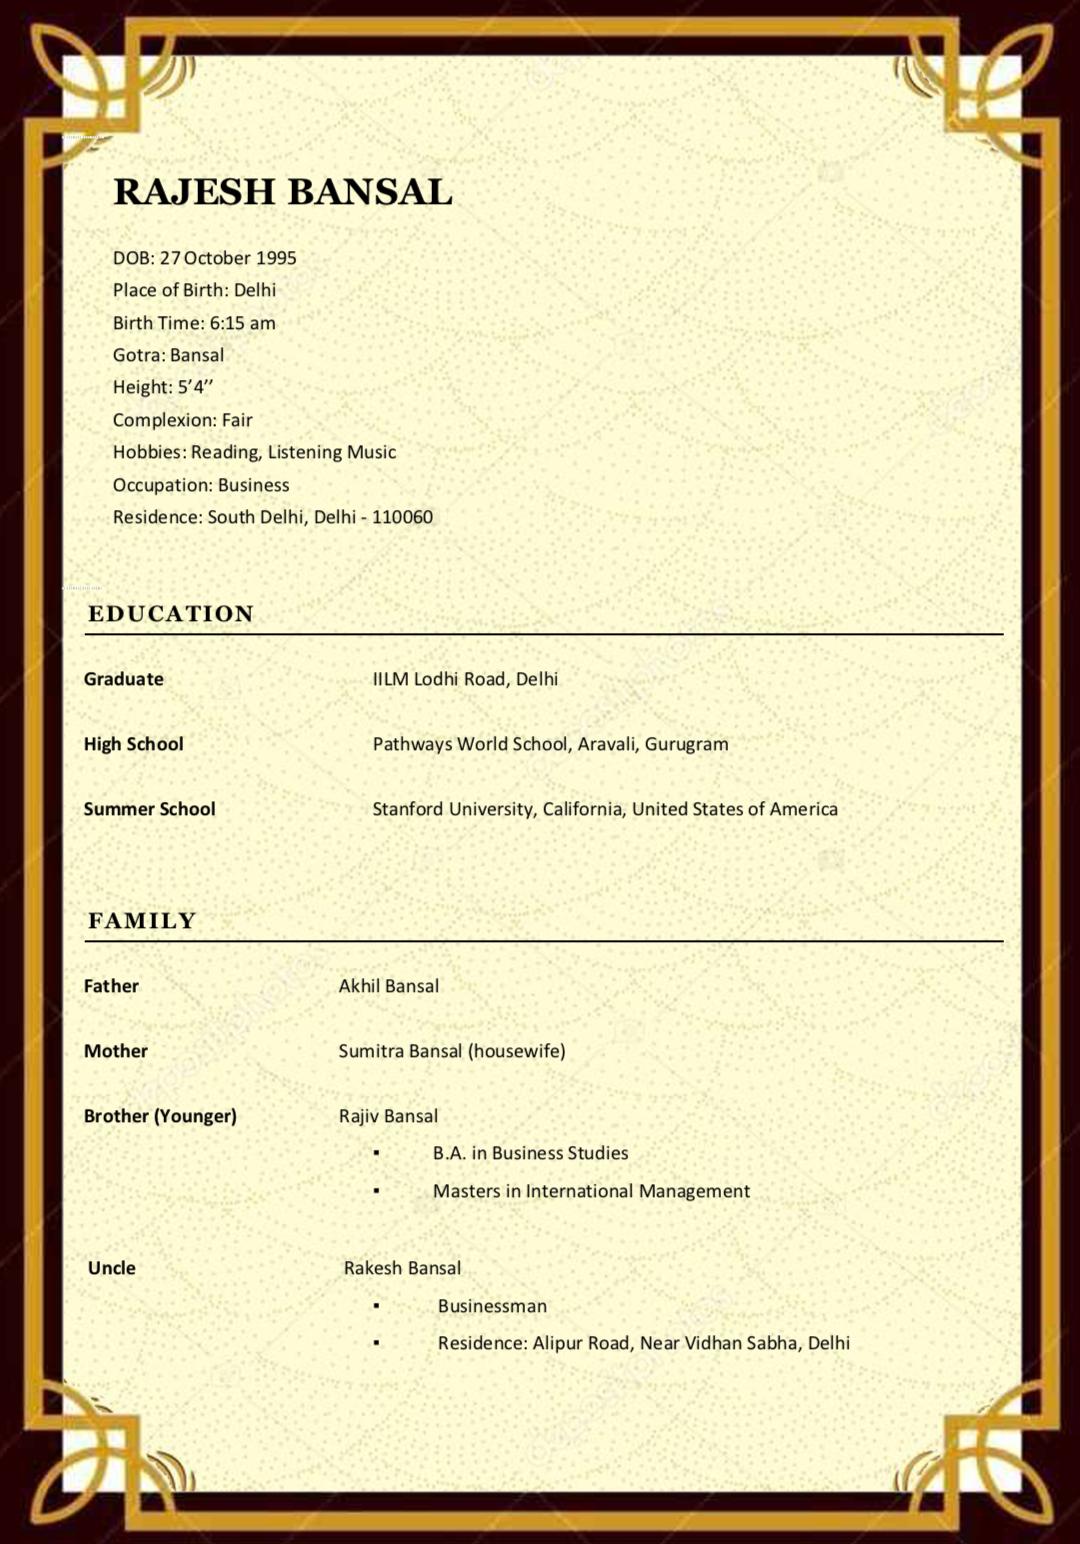 Matrimonial Biodata Create your own marriage biodata on